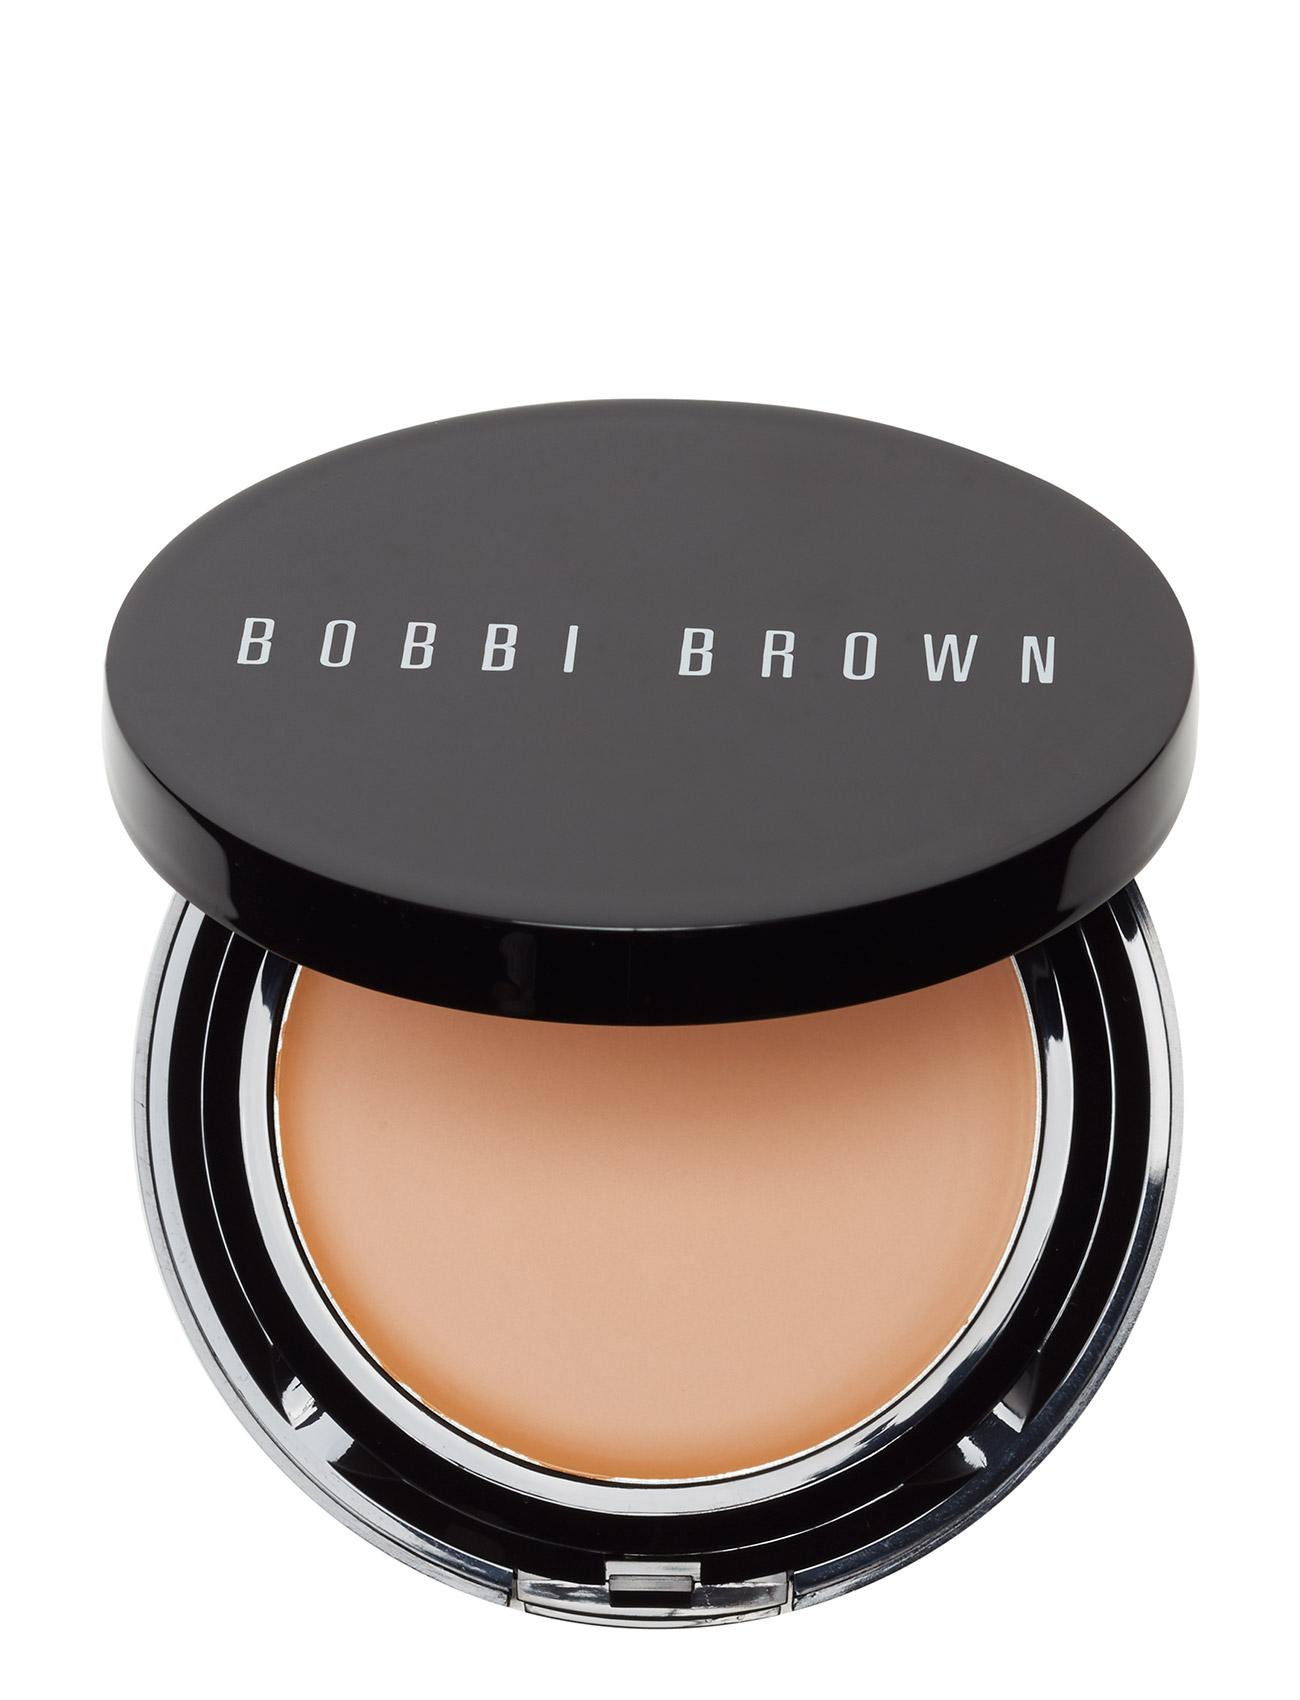 bobbi brown Long-wear even finish compact foundation, beige 3 på boozt.com dk